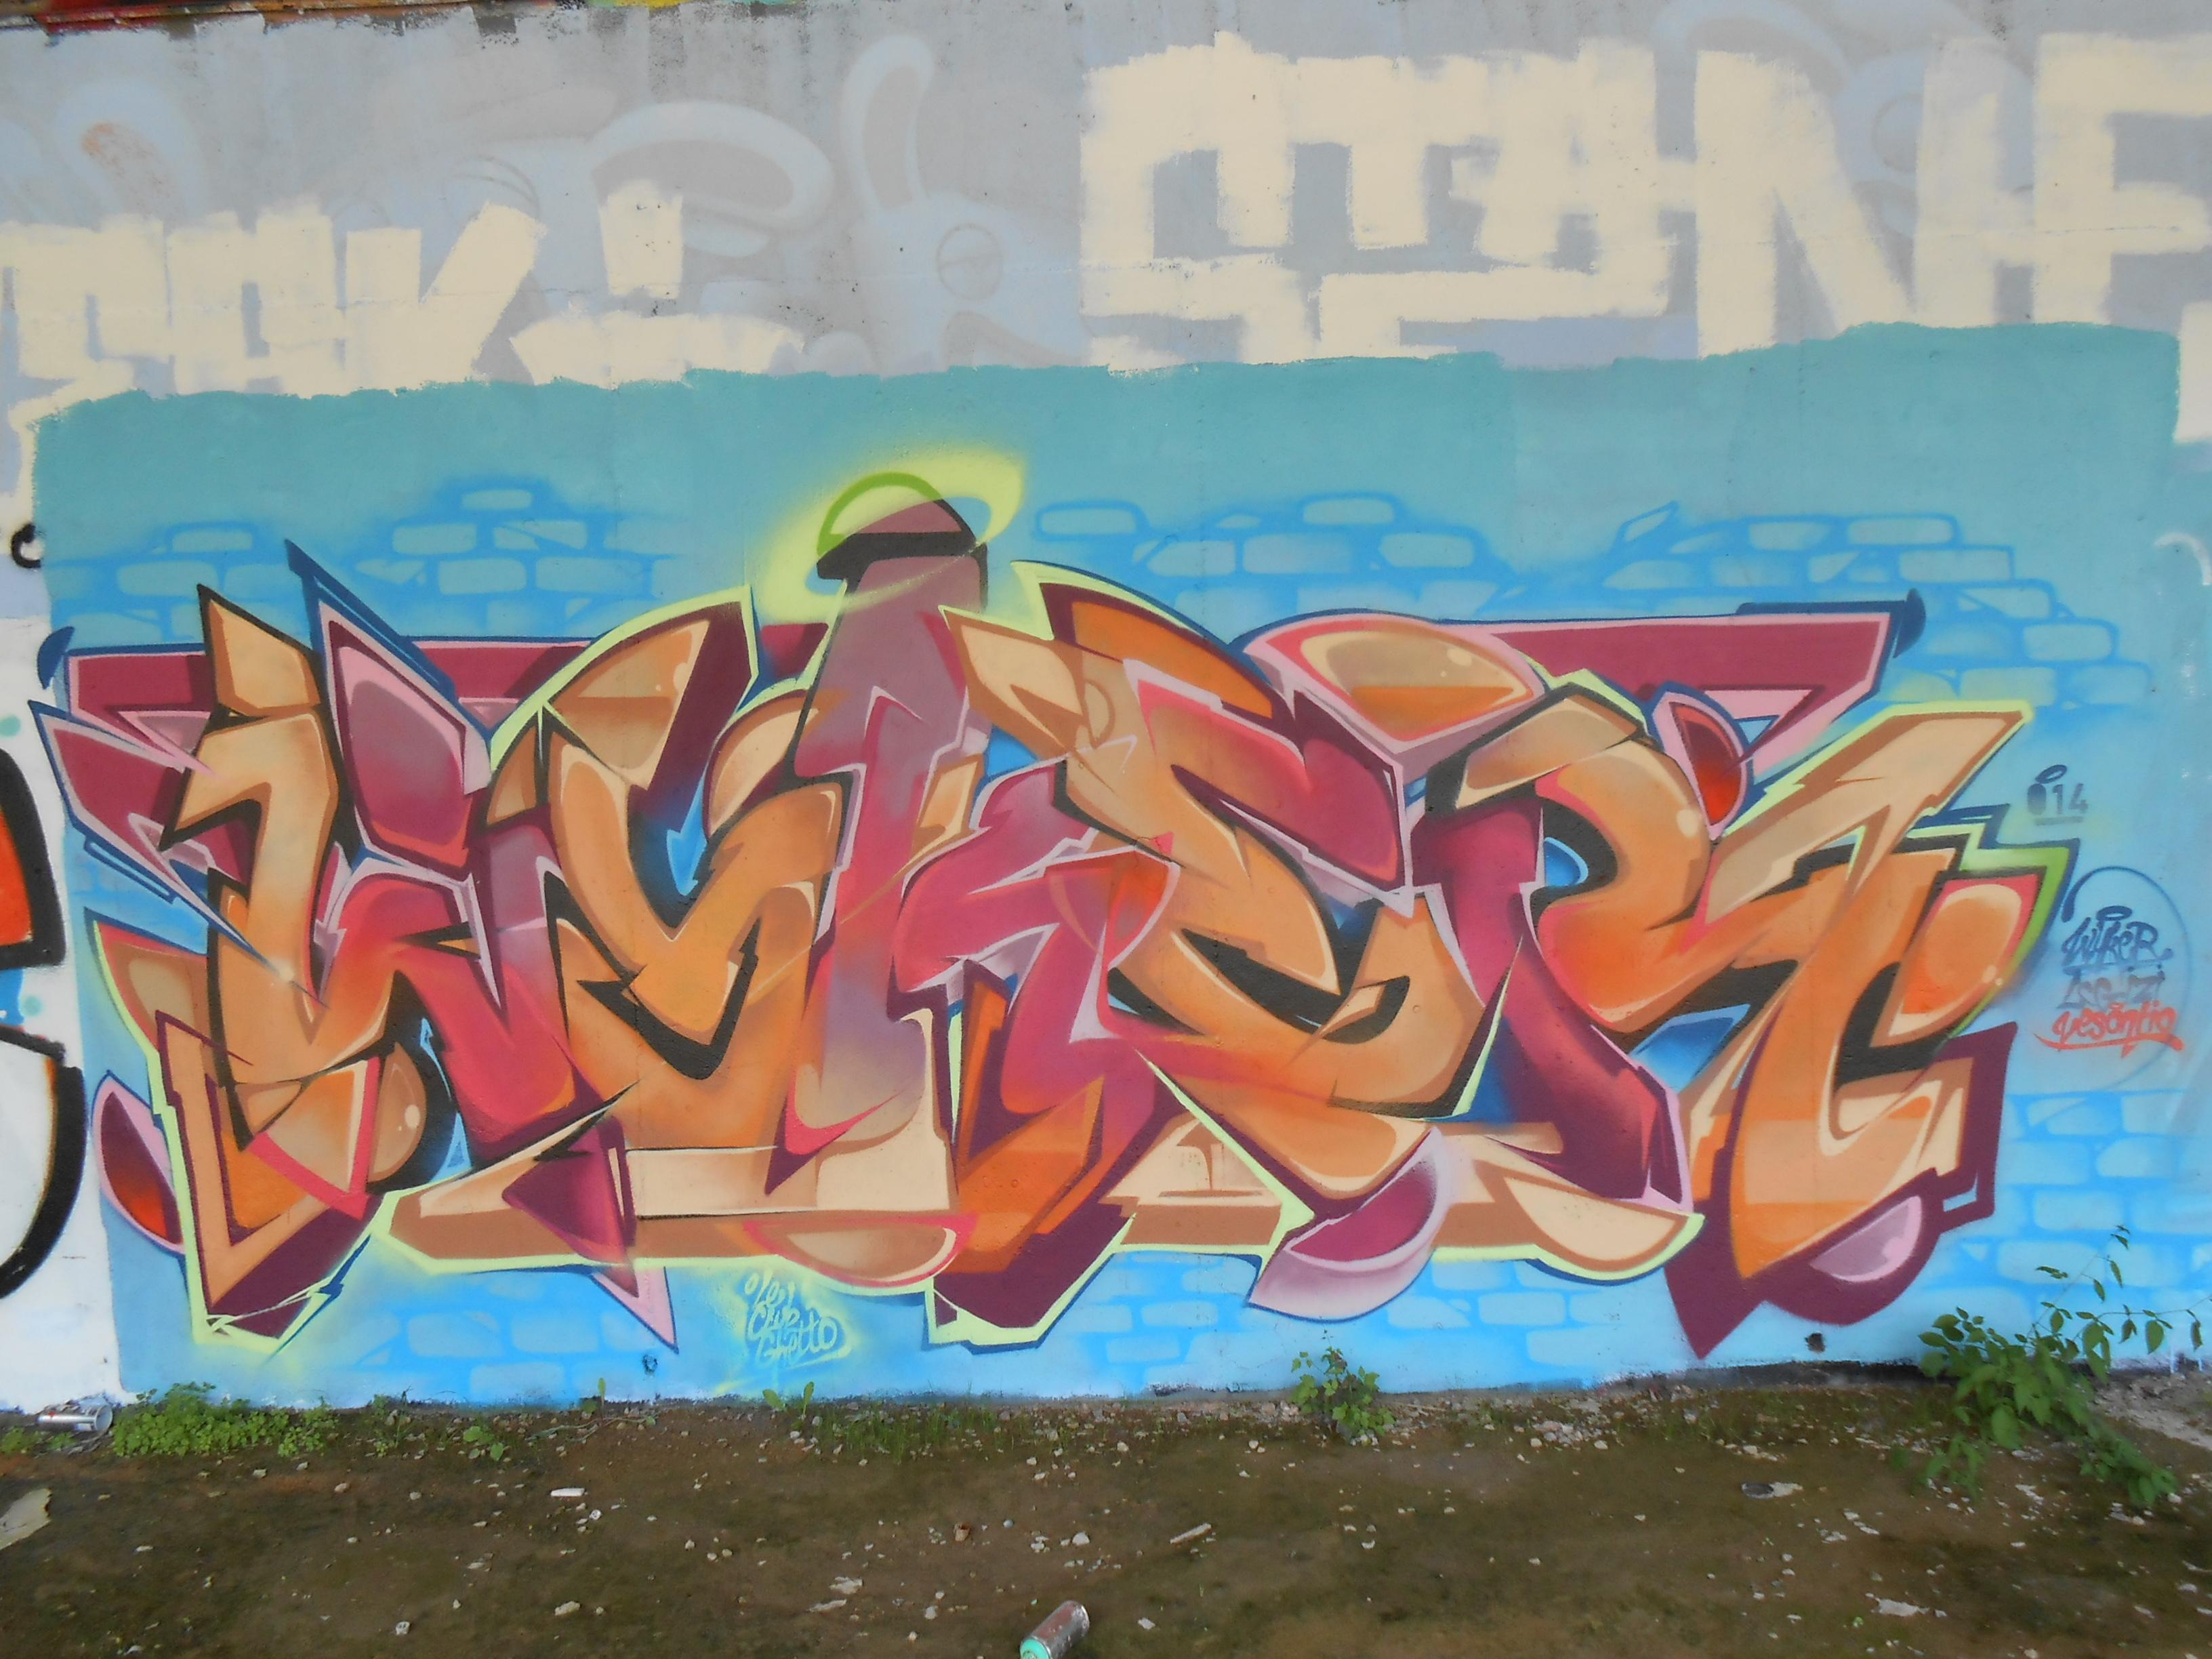 Wyker_graffiti_besancon_aout 2014 (2)